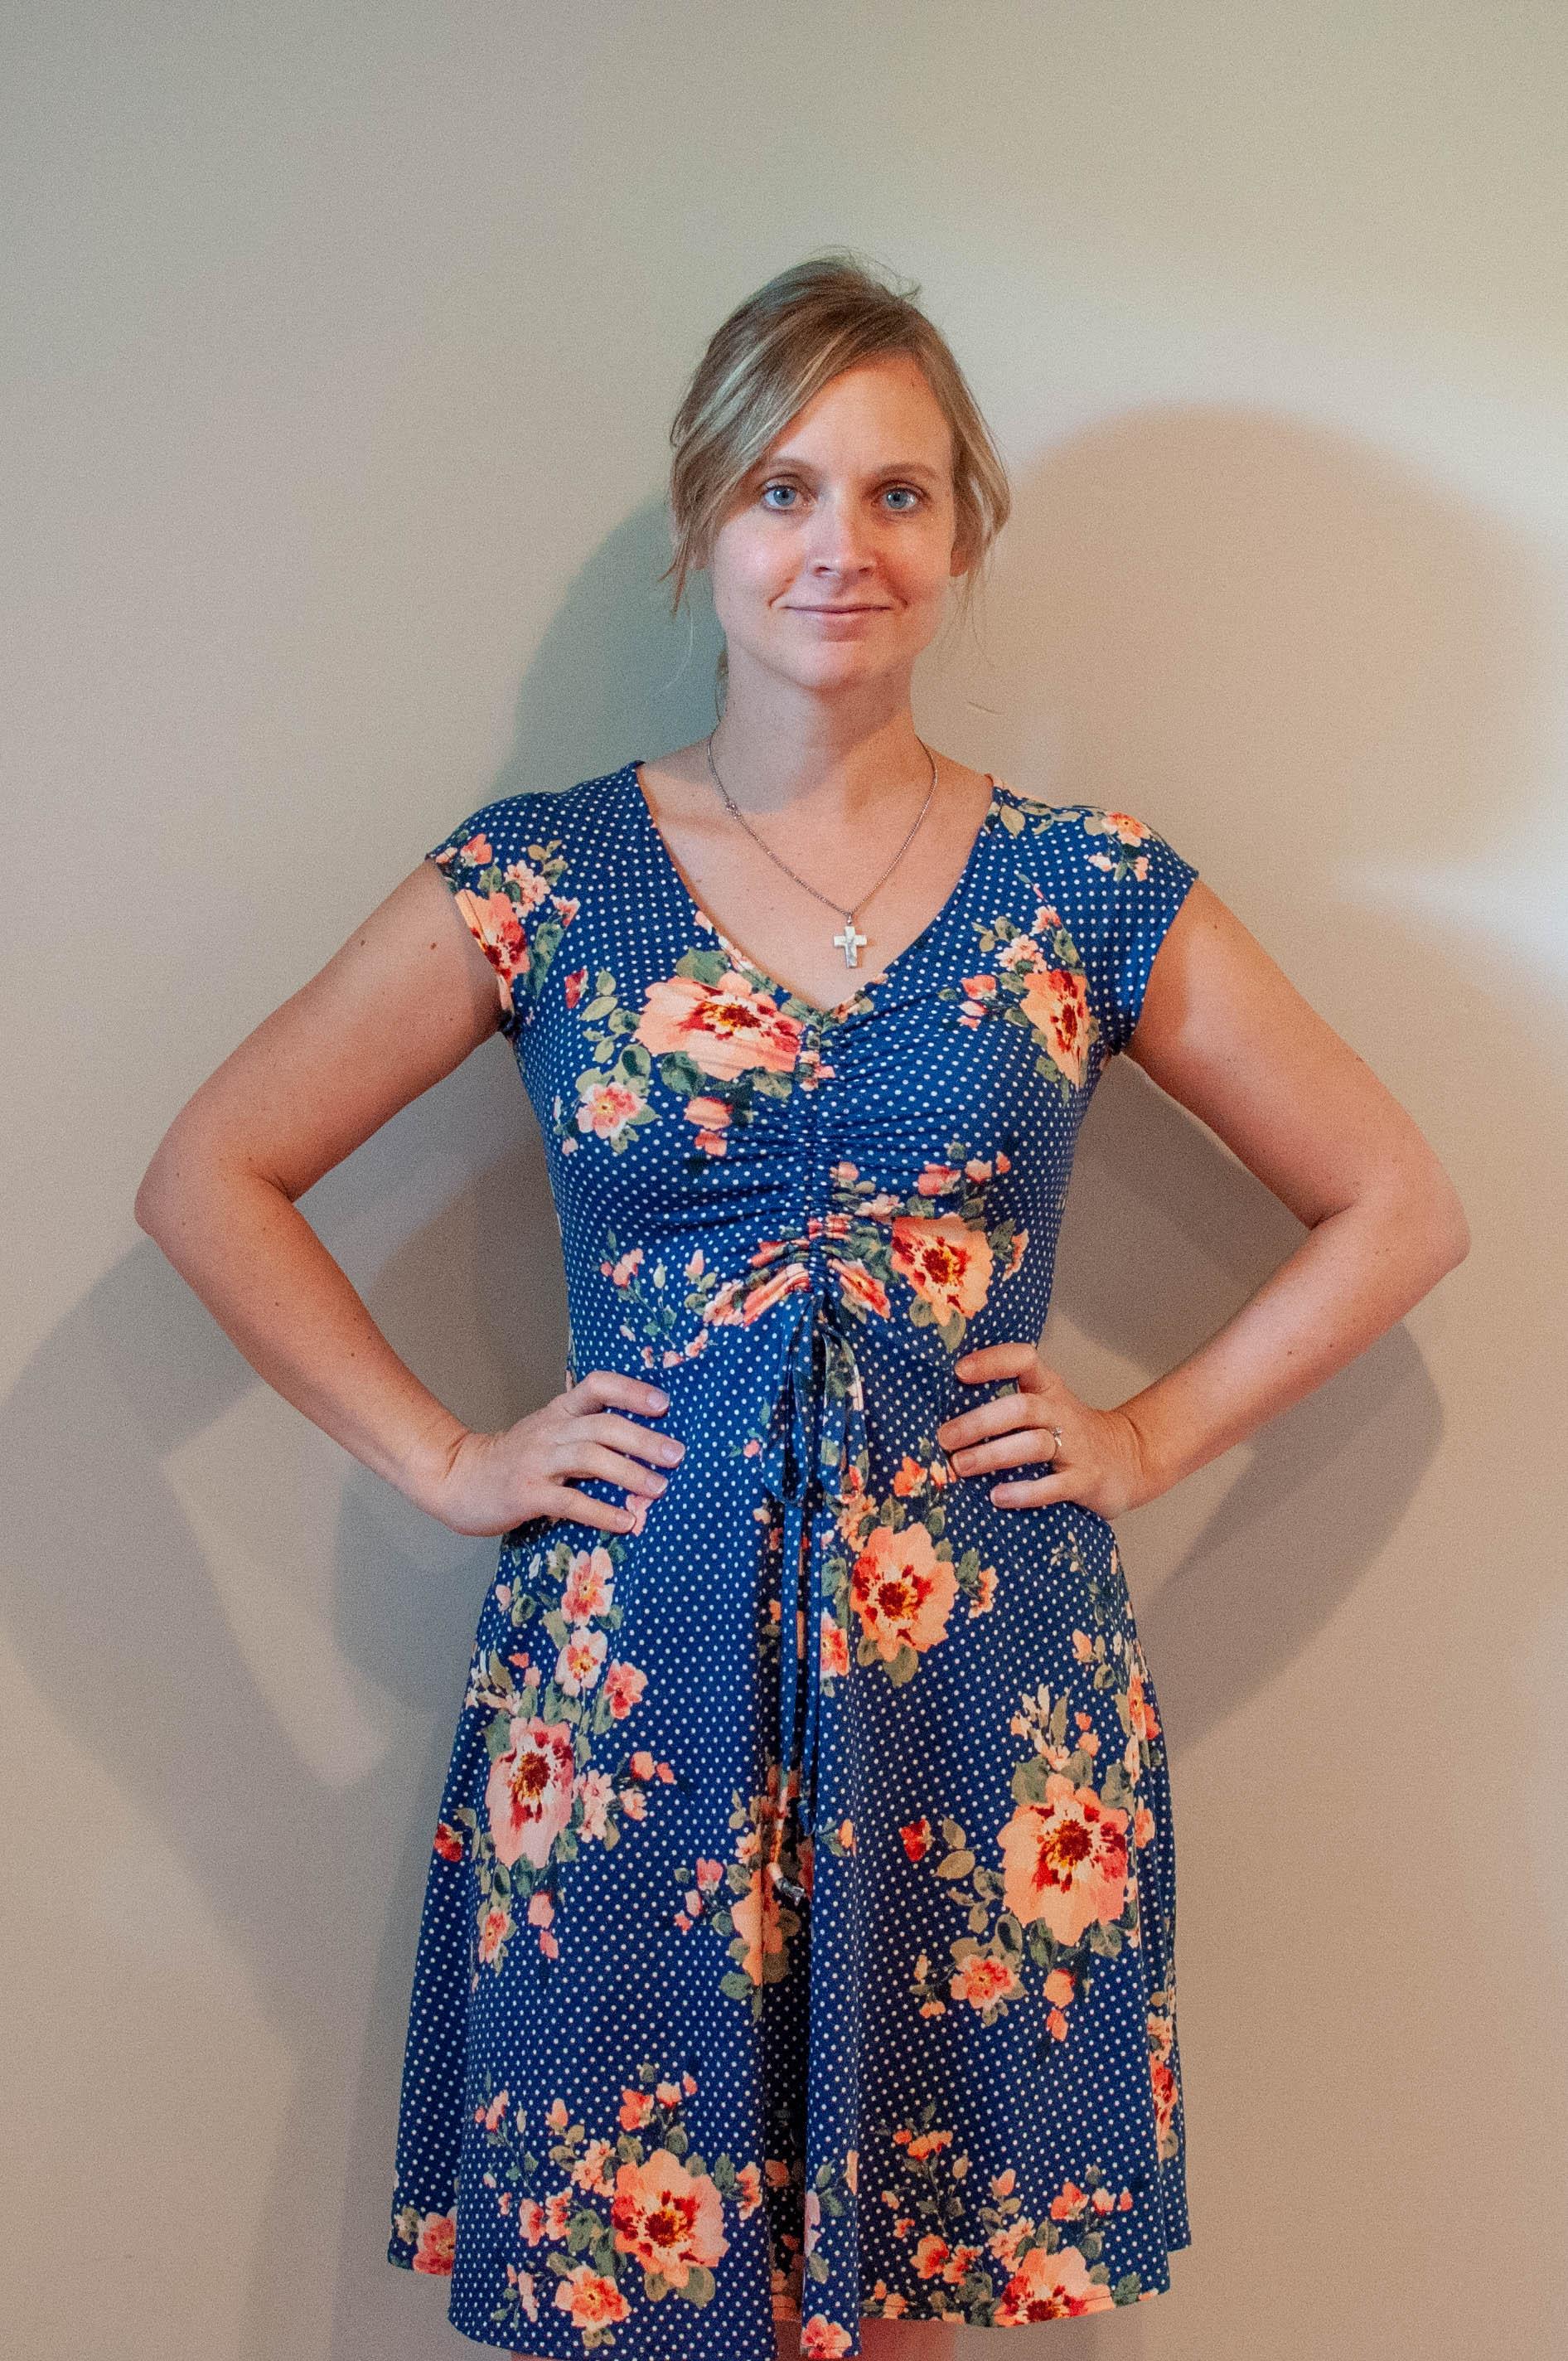 Knit dress, McCall's 7812